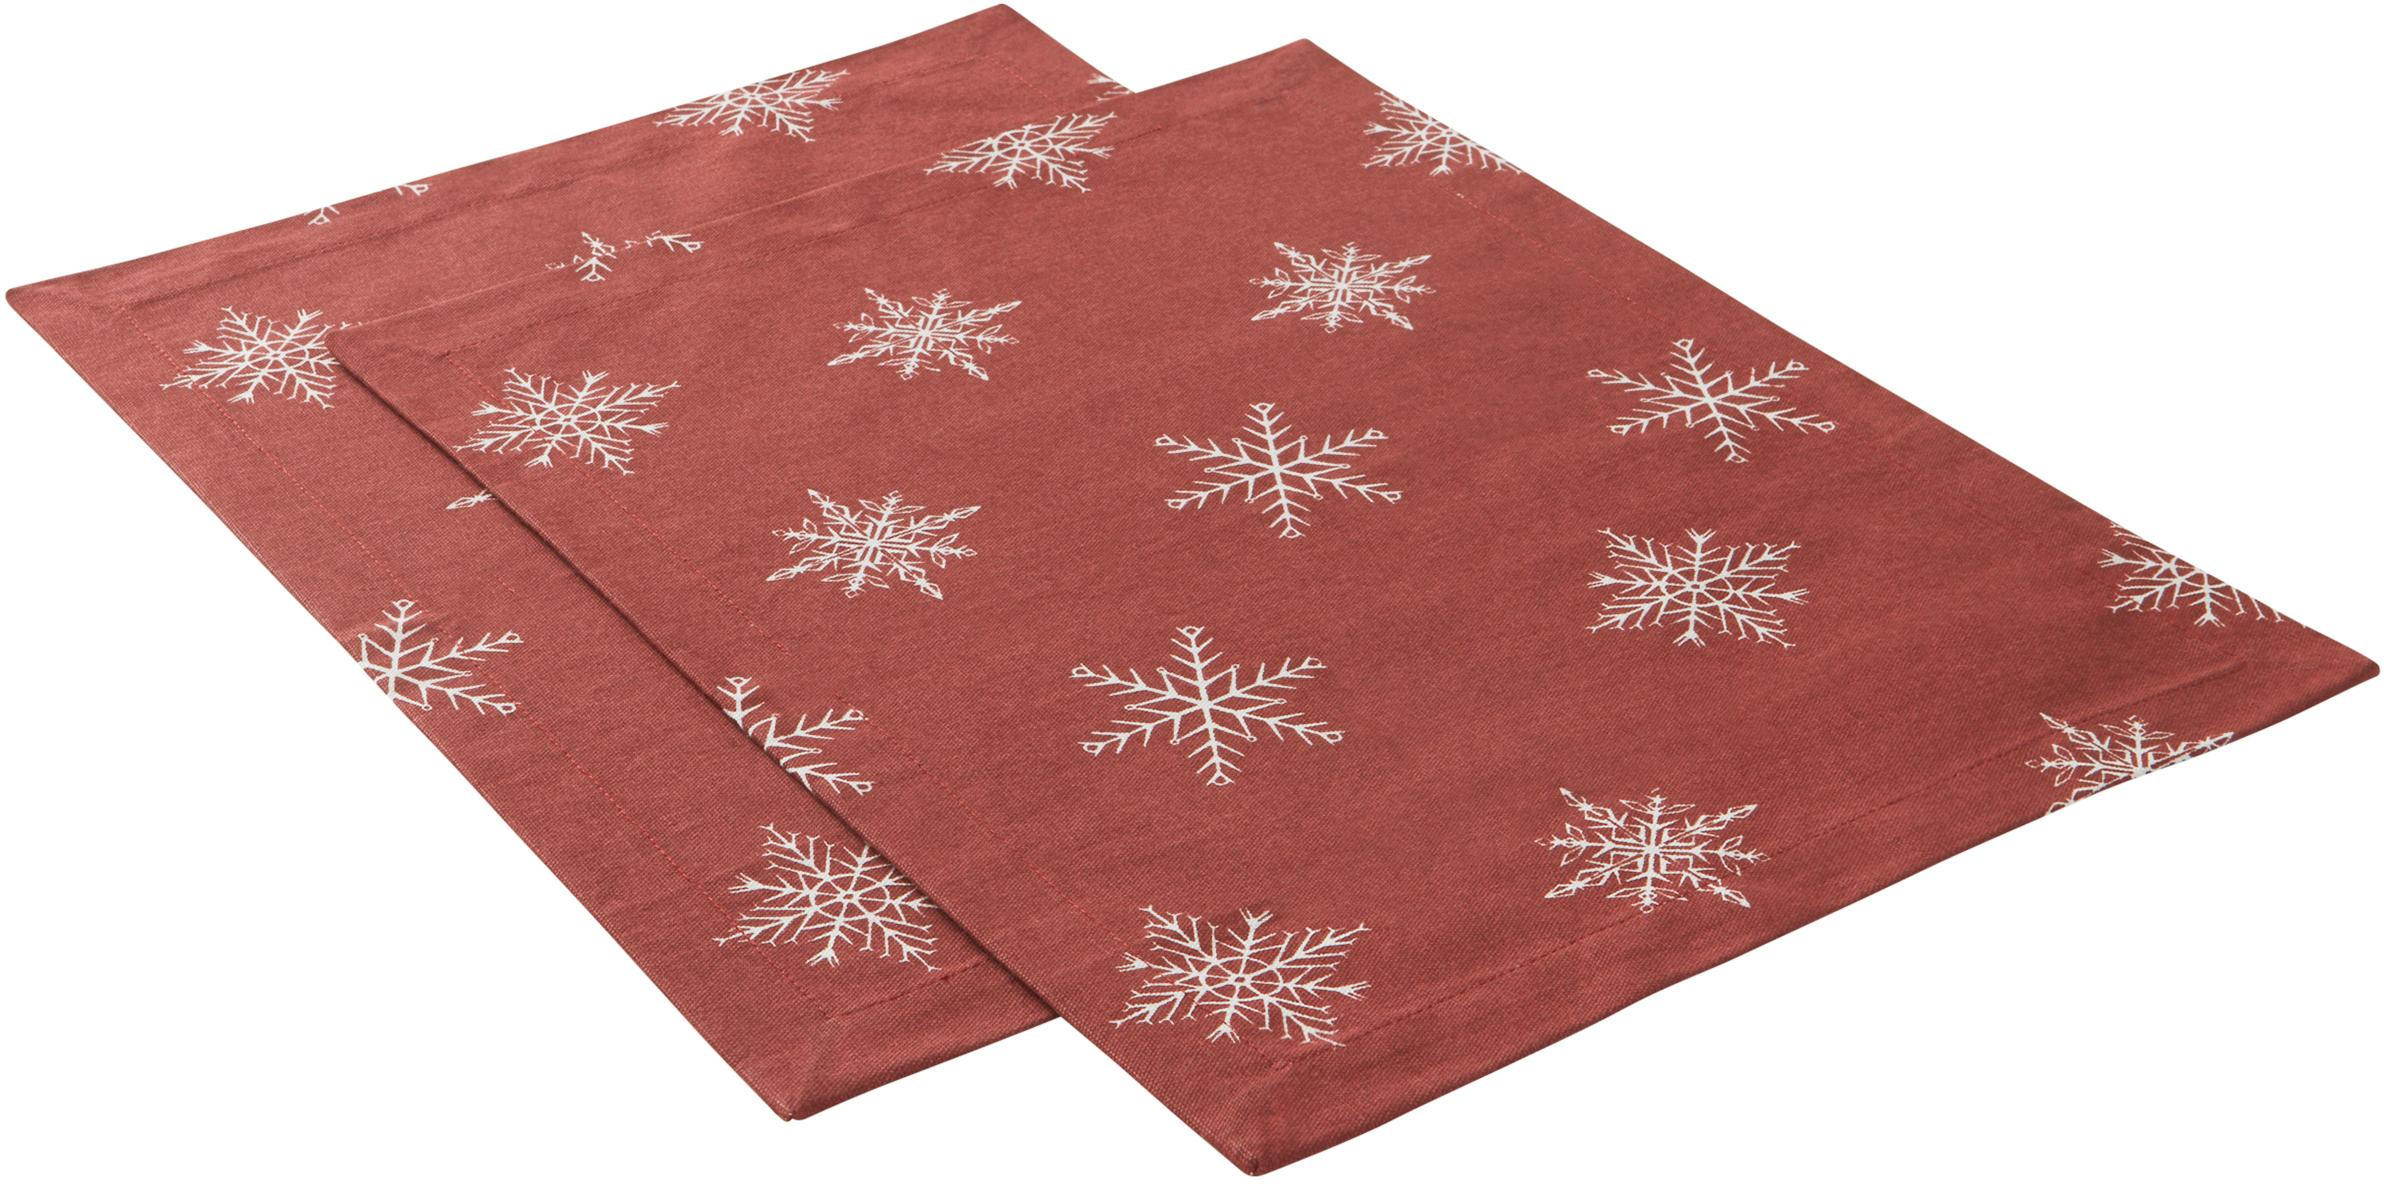 Tovaglietta americana Snow 2 pz, 100% cotone, da coltivazione sostenibile del cotone, Rosso, bianco, Larg. 35 x Lung. 45 cm